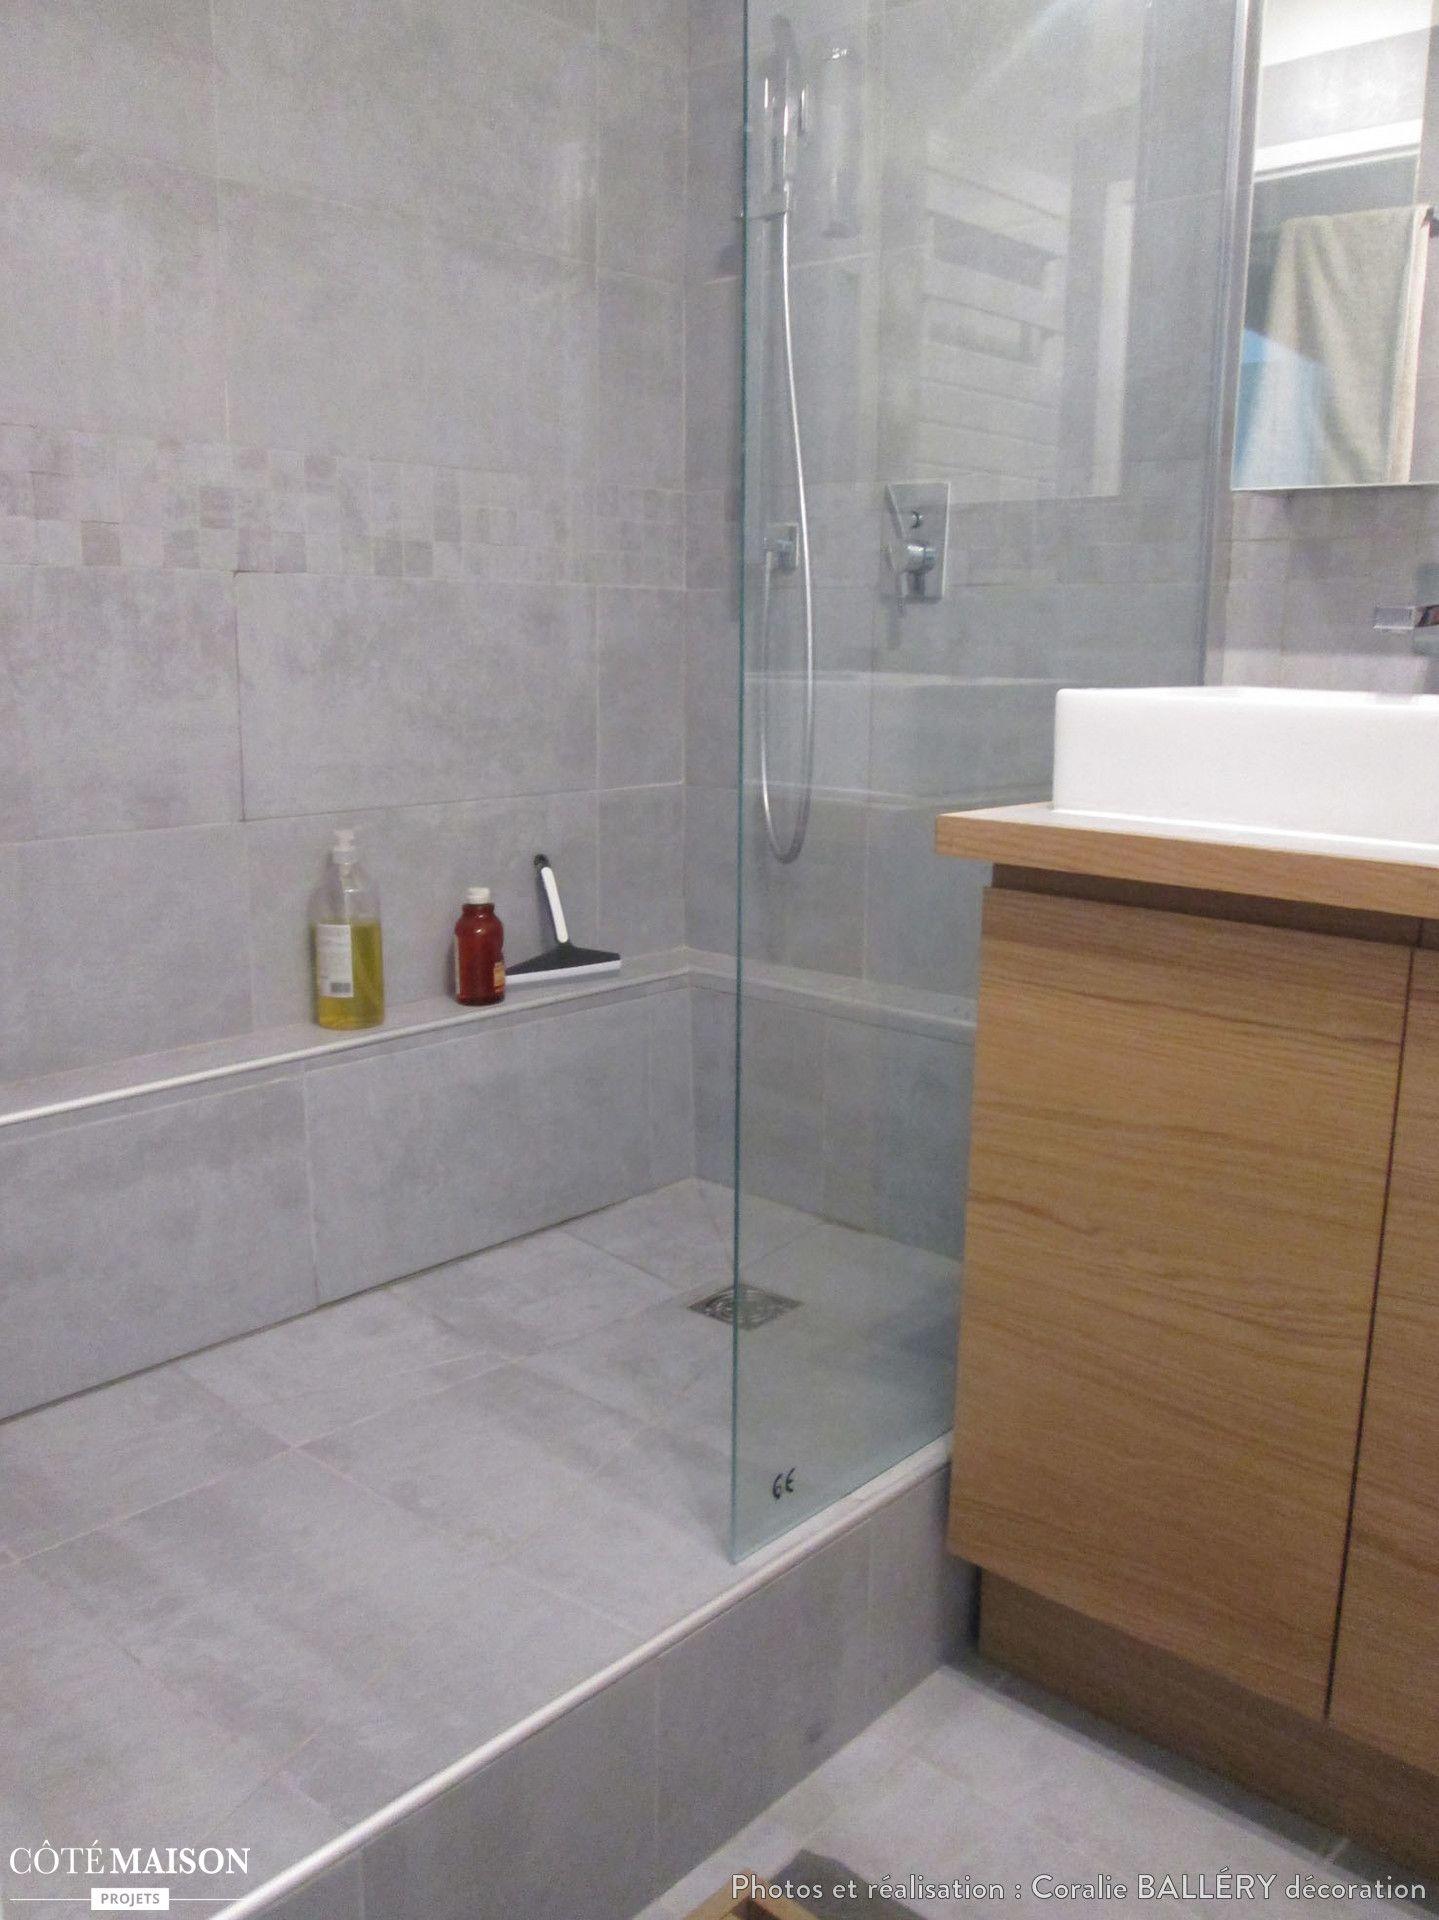 R novation d 39 une petite salle de bains paris coralie ball ry d corateur d 39 int rieur sdb for Petite salle de bain renovation